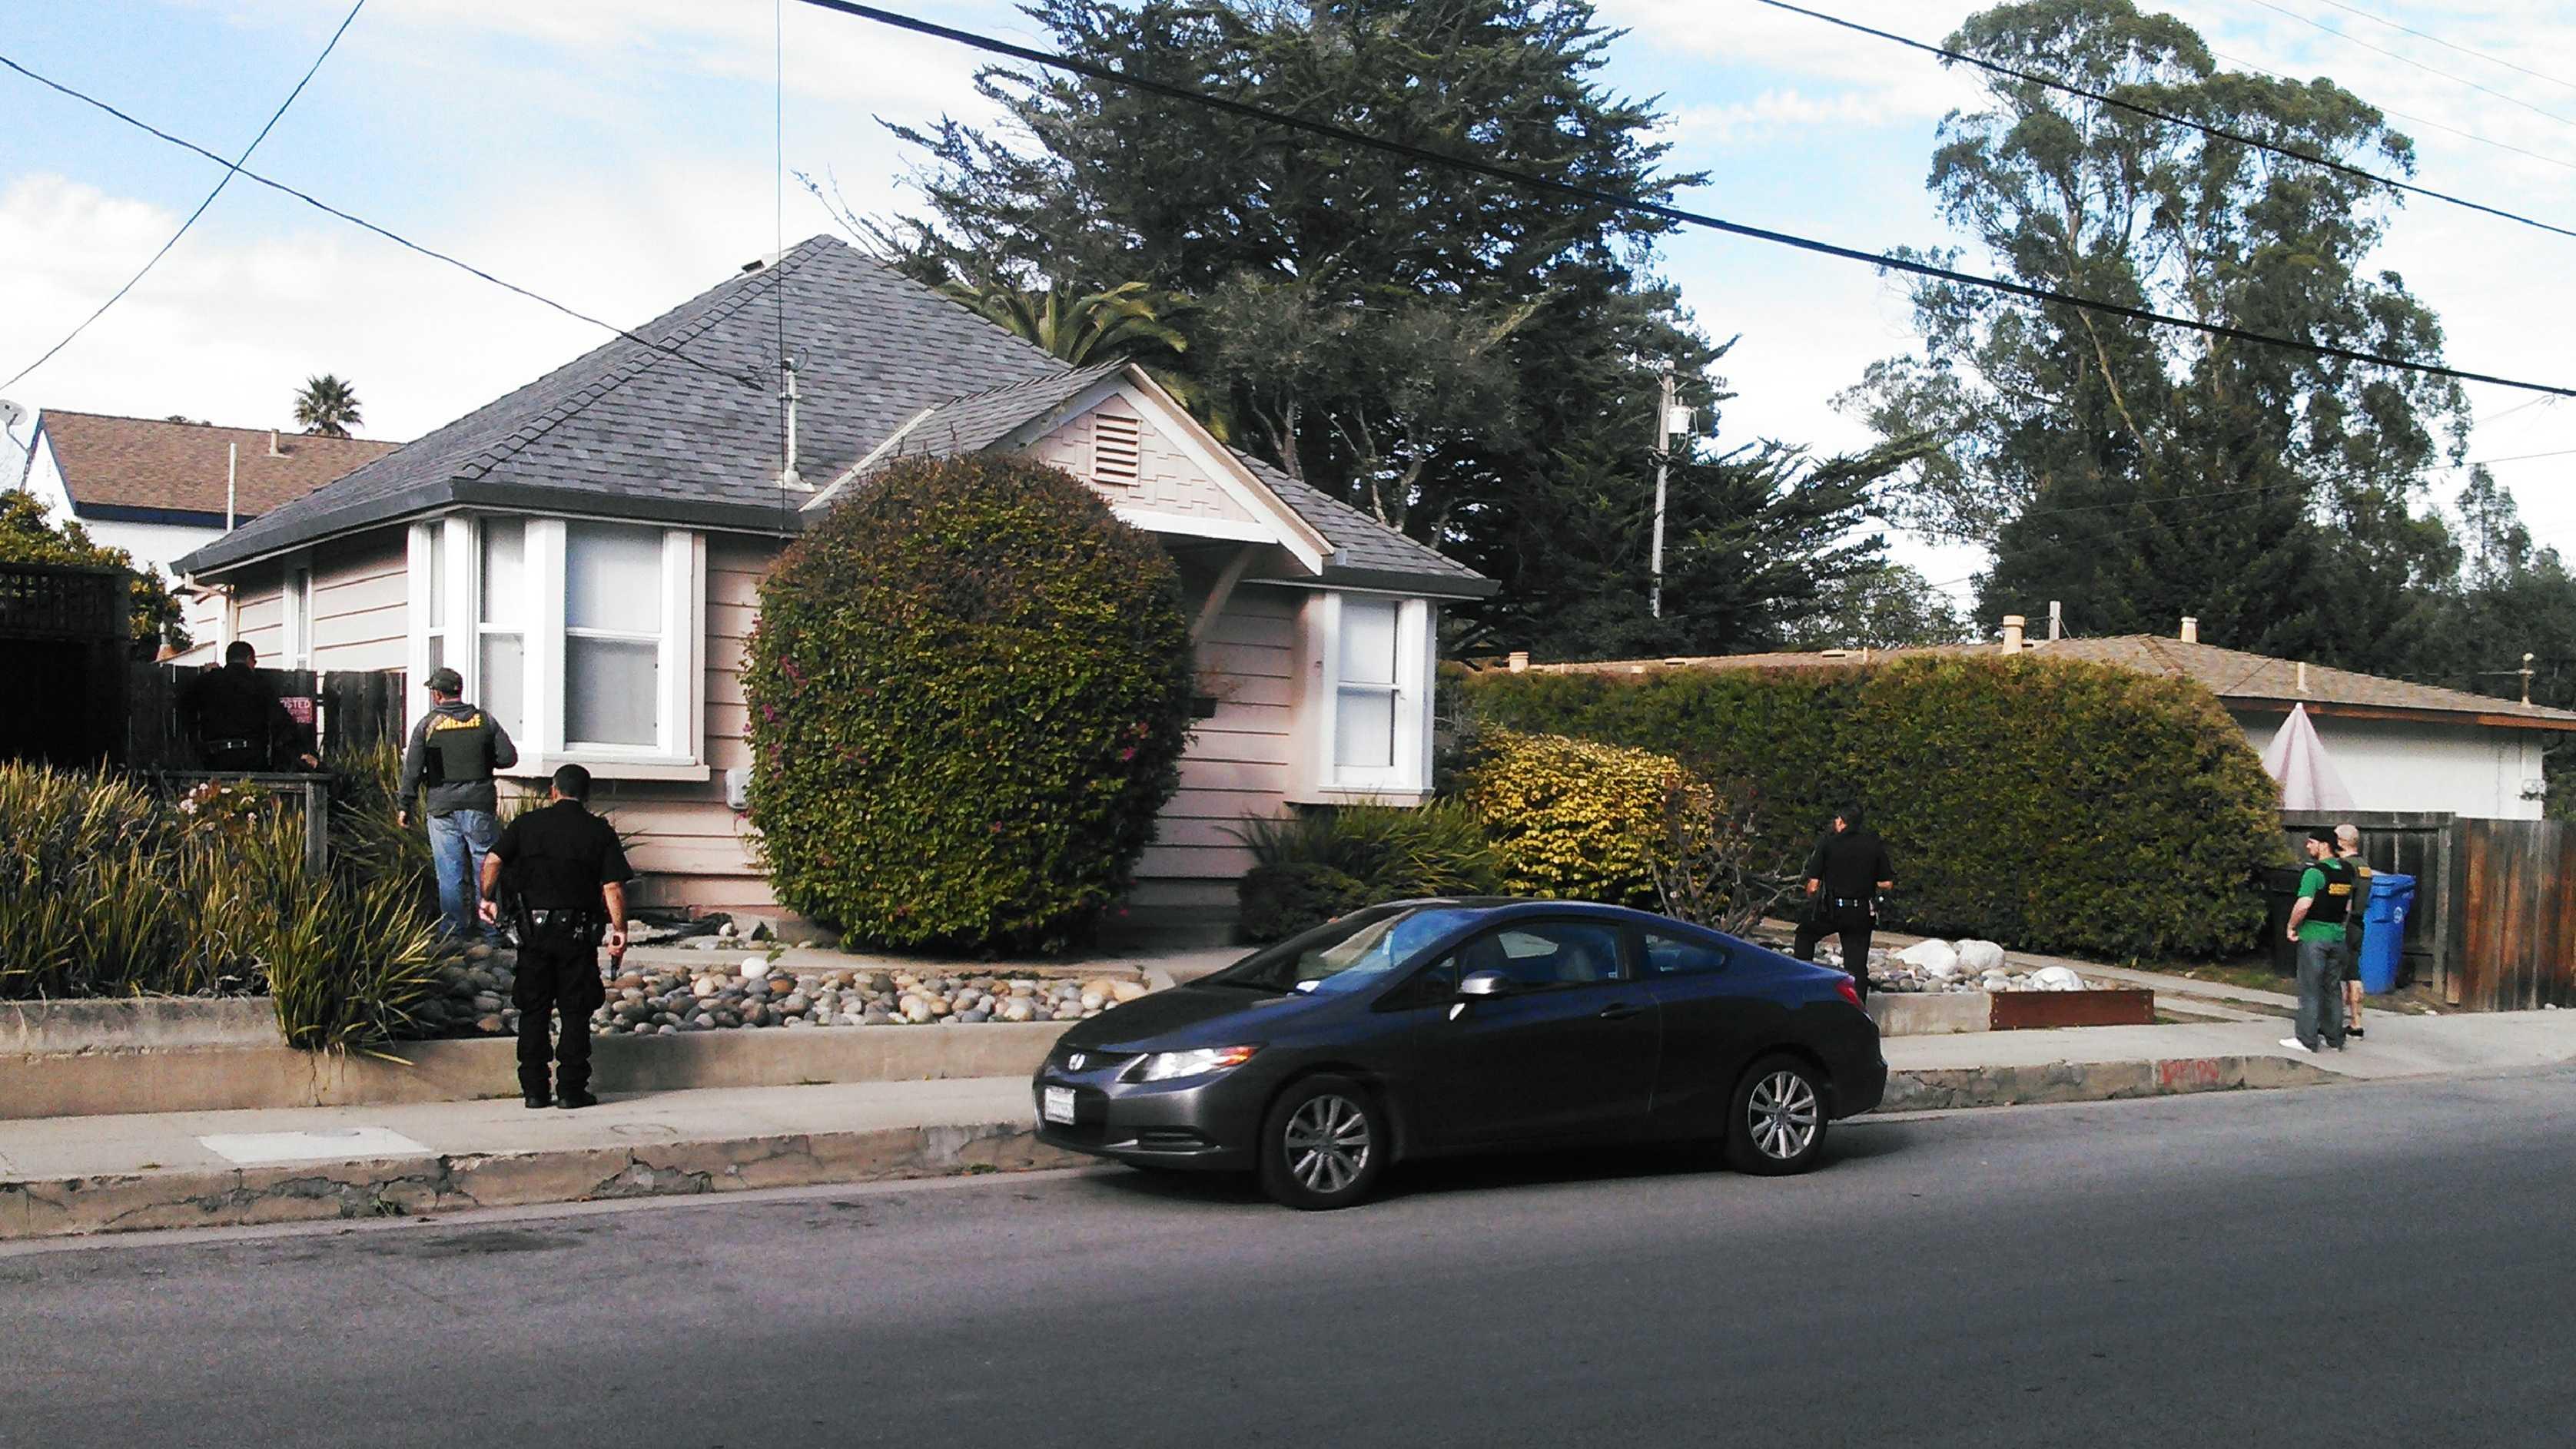 Santa Cruz (Feb. 18, 2014)